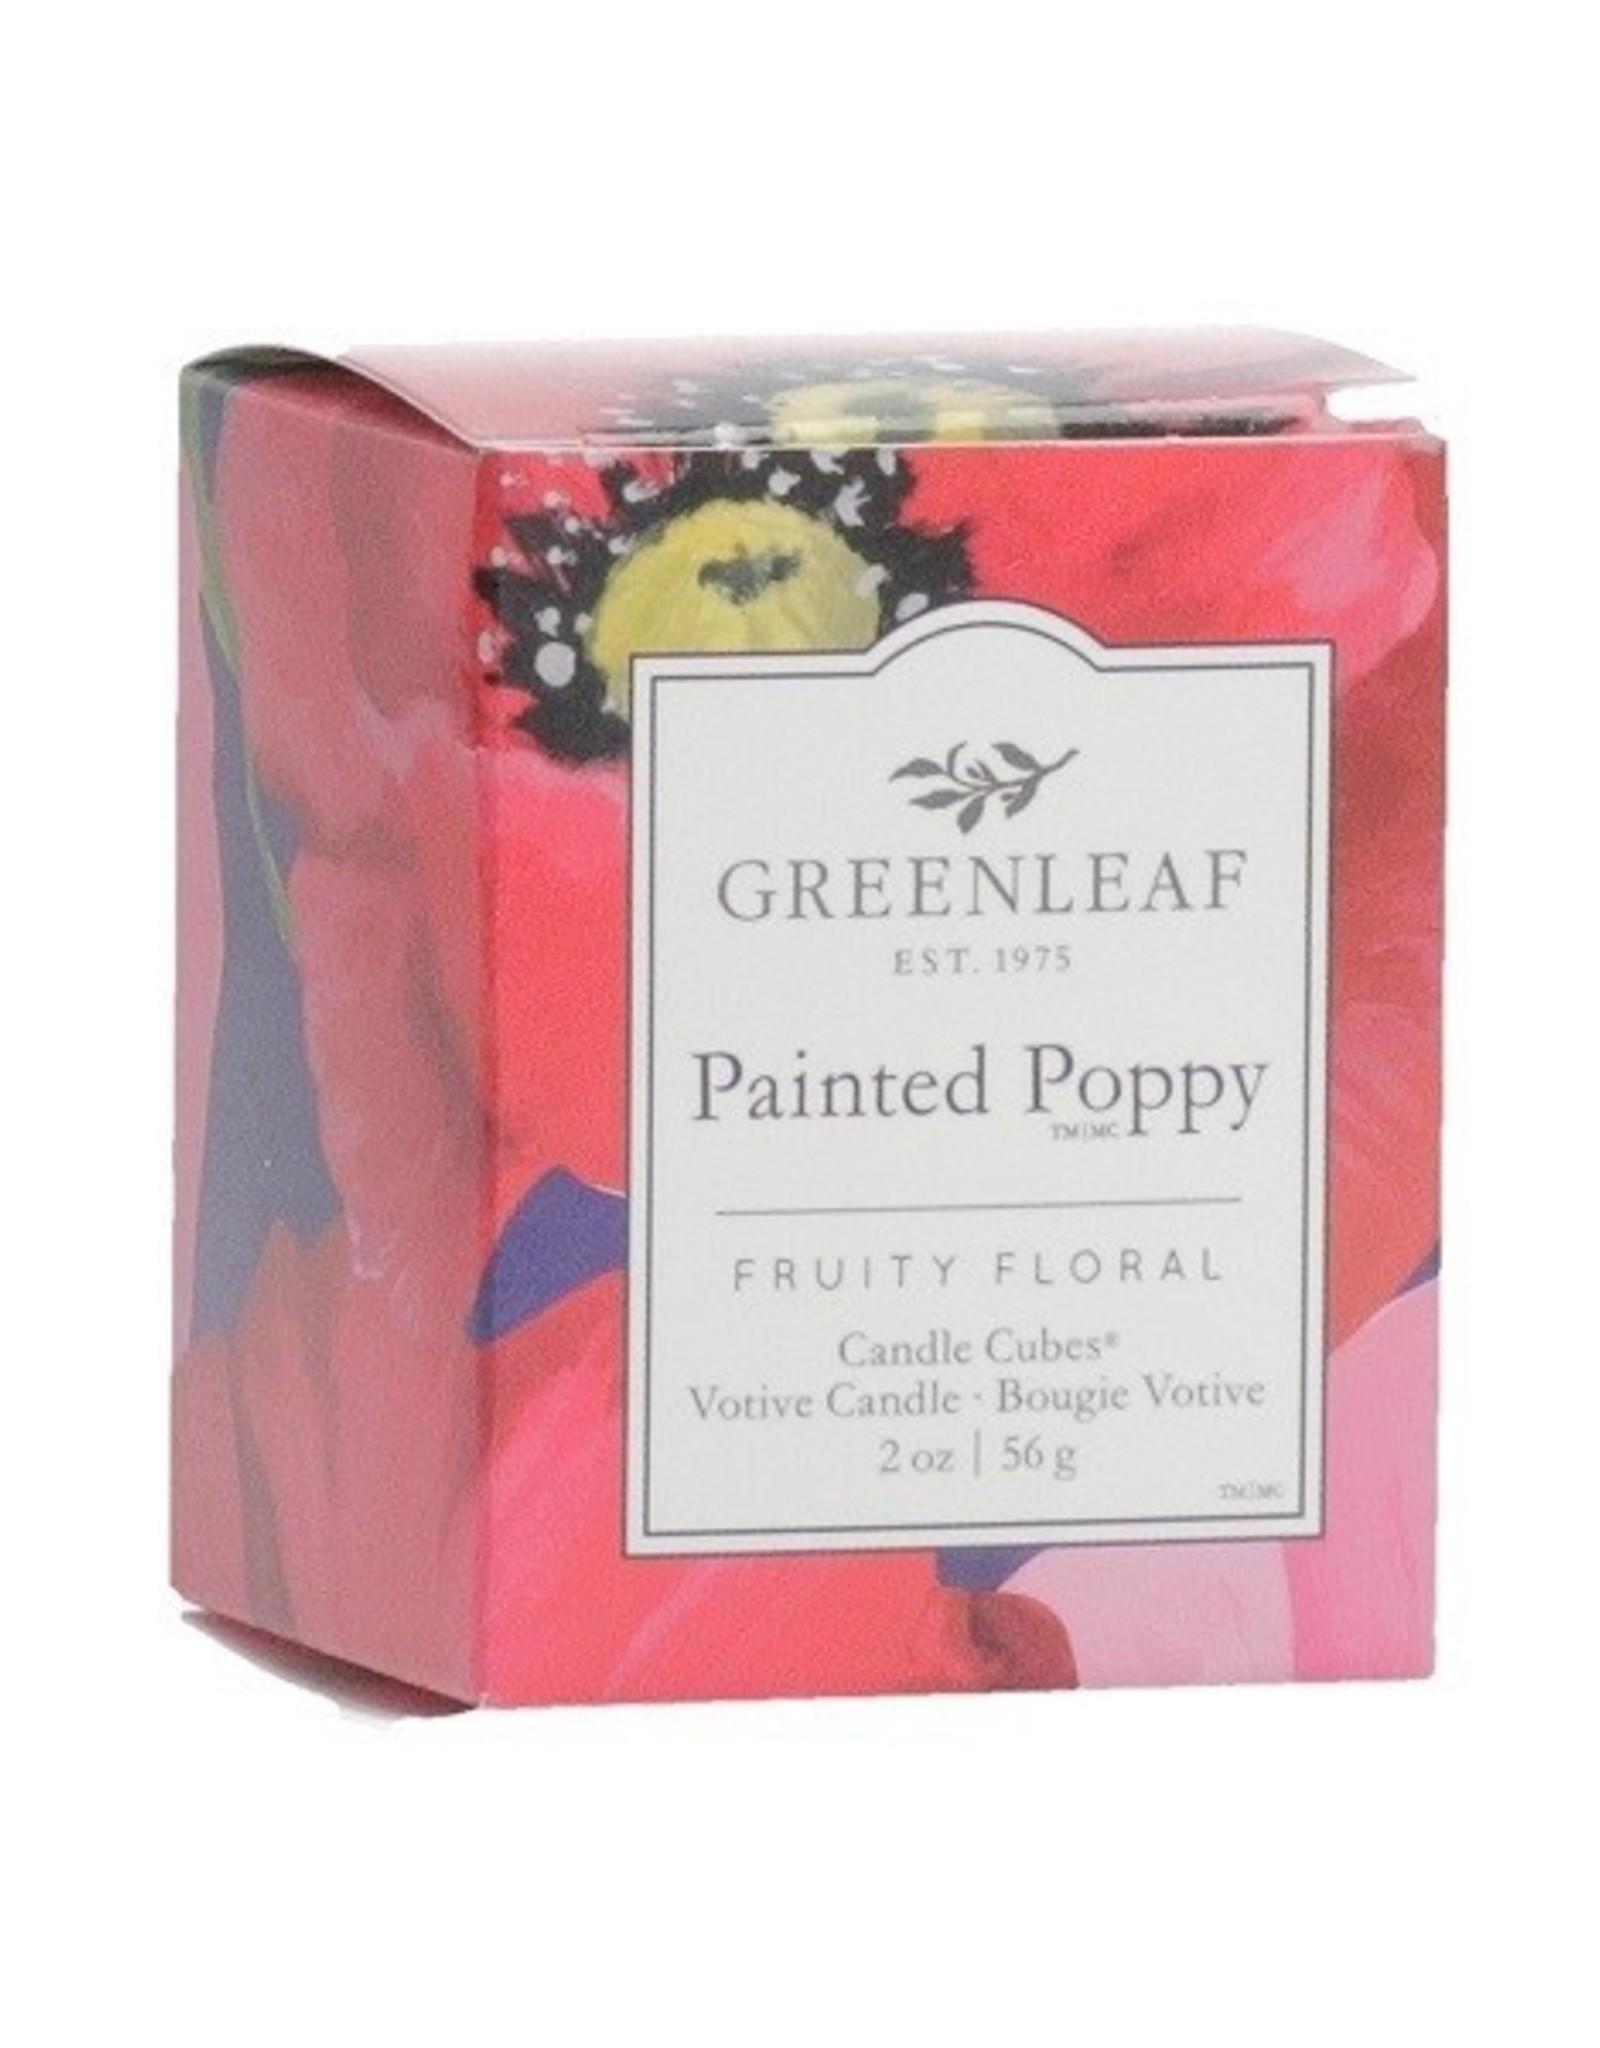 GreenLeaf Painted Poppy Geurkaars 15 branduren - GreenLeaf